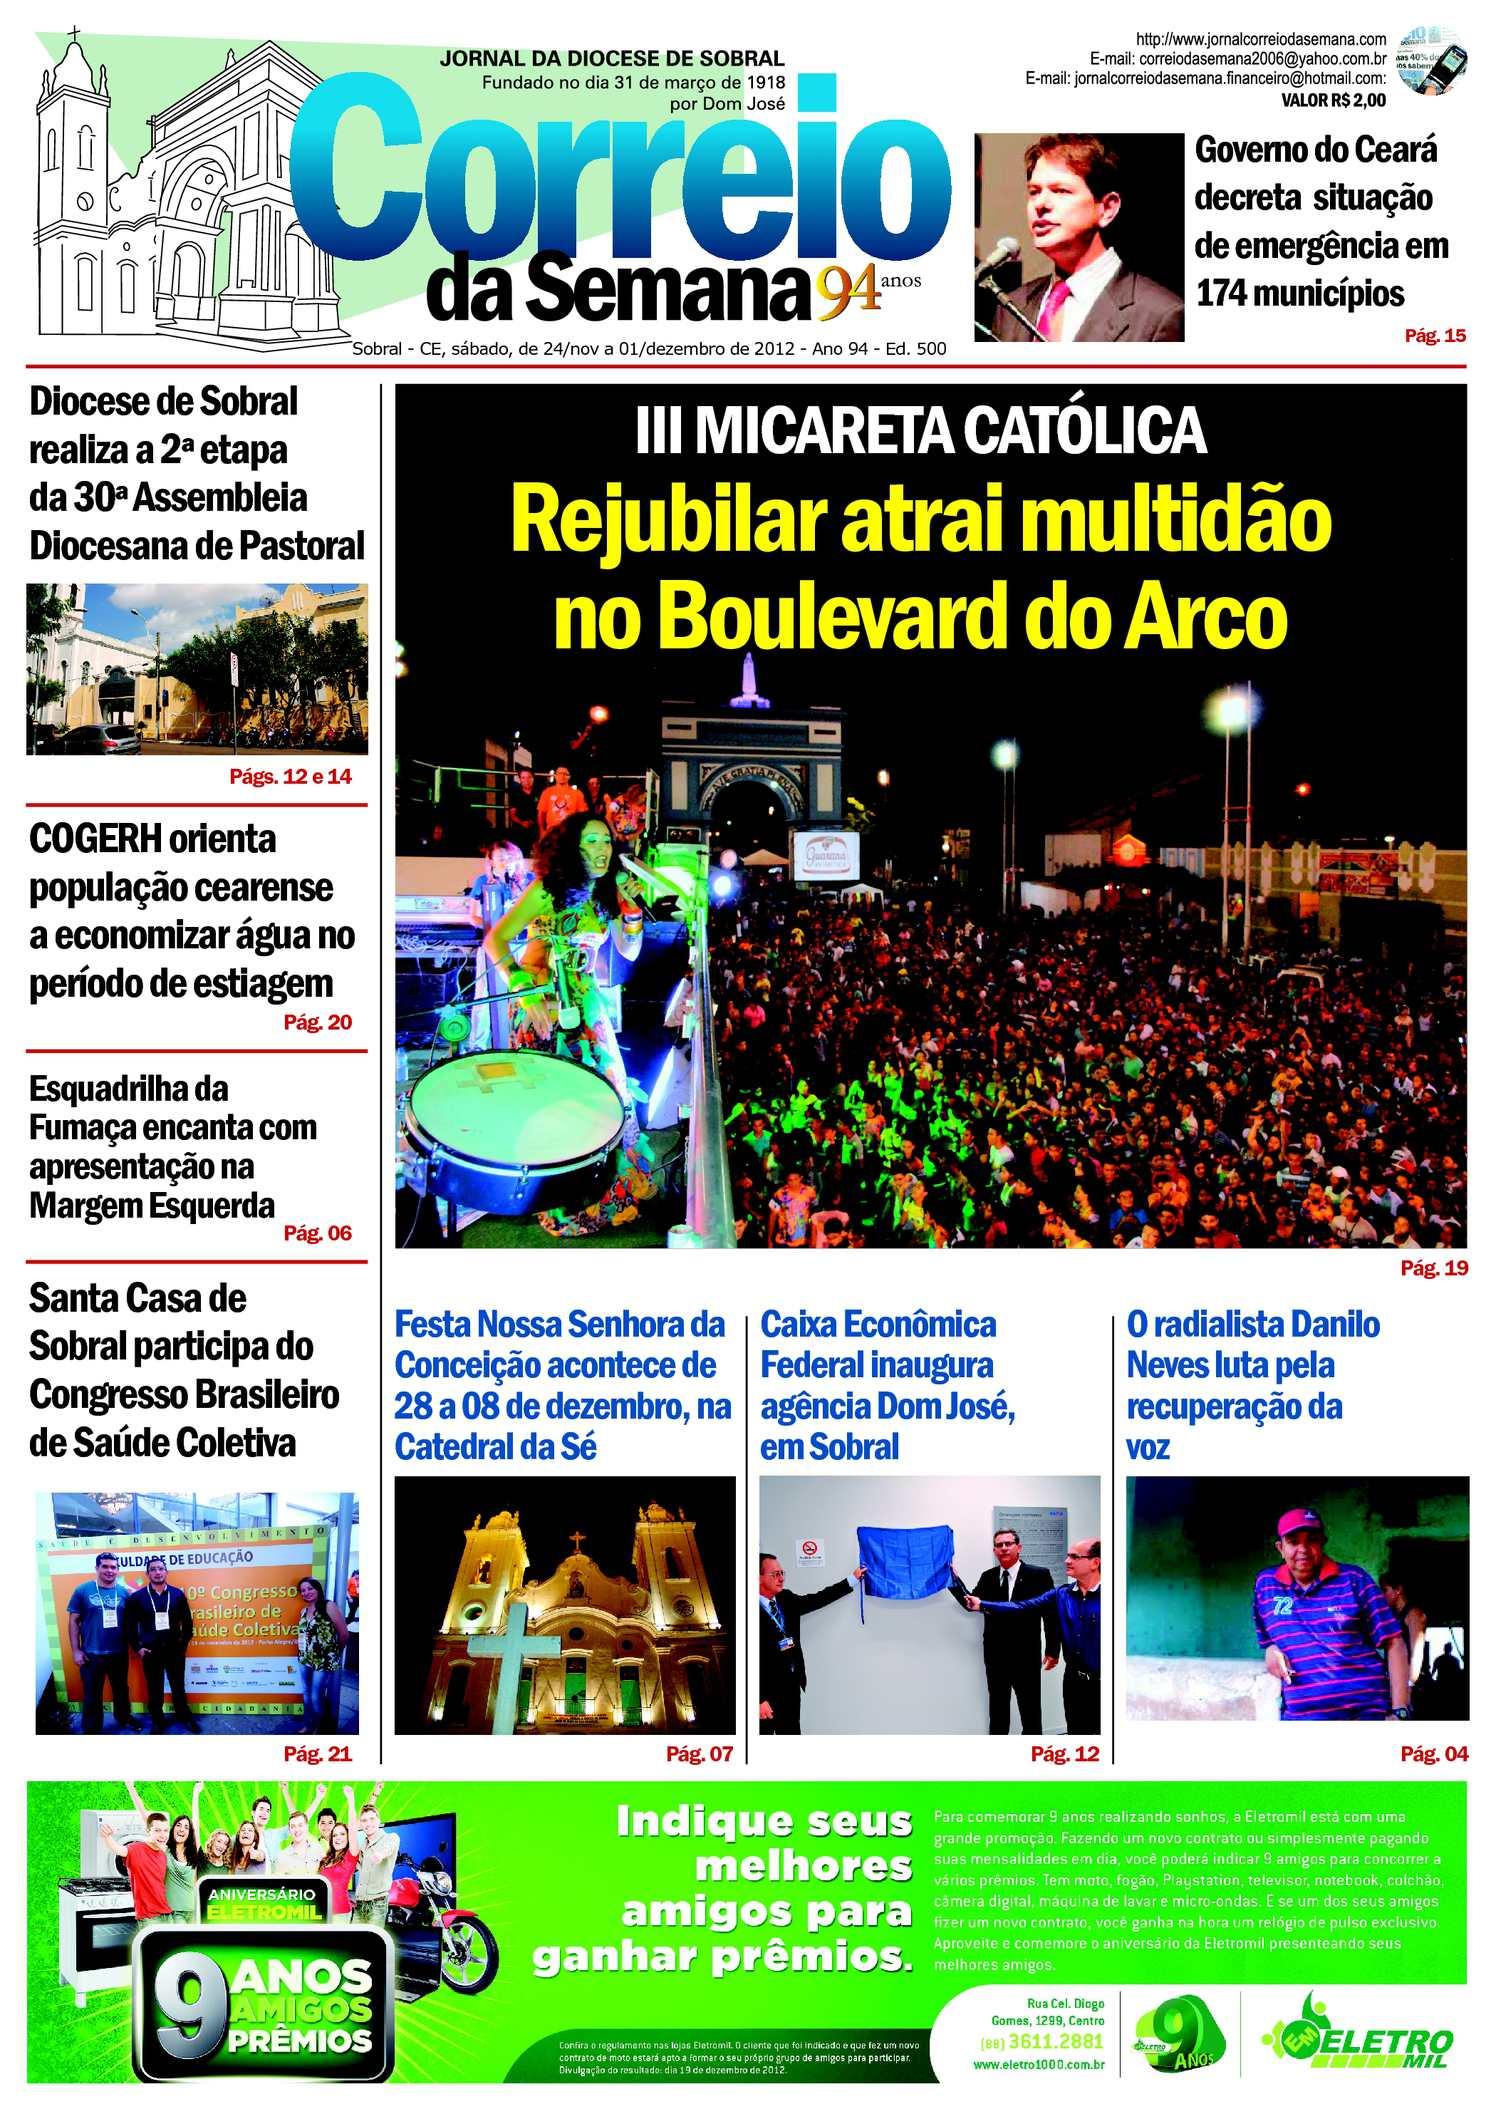 Calaméo - Correio da Semana 500 574a974e4f400